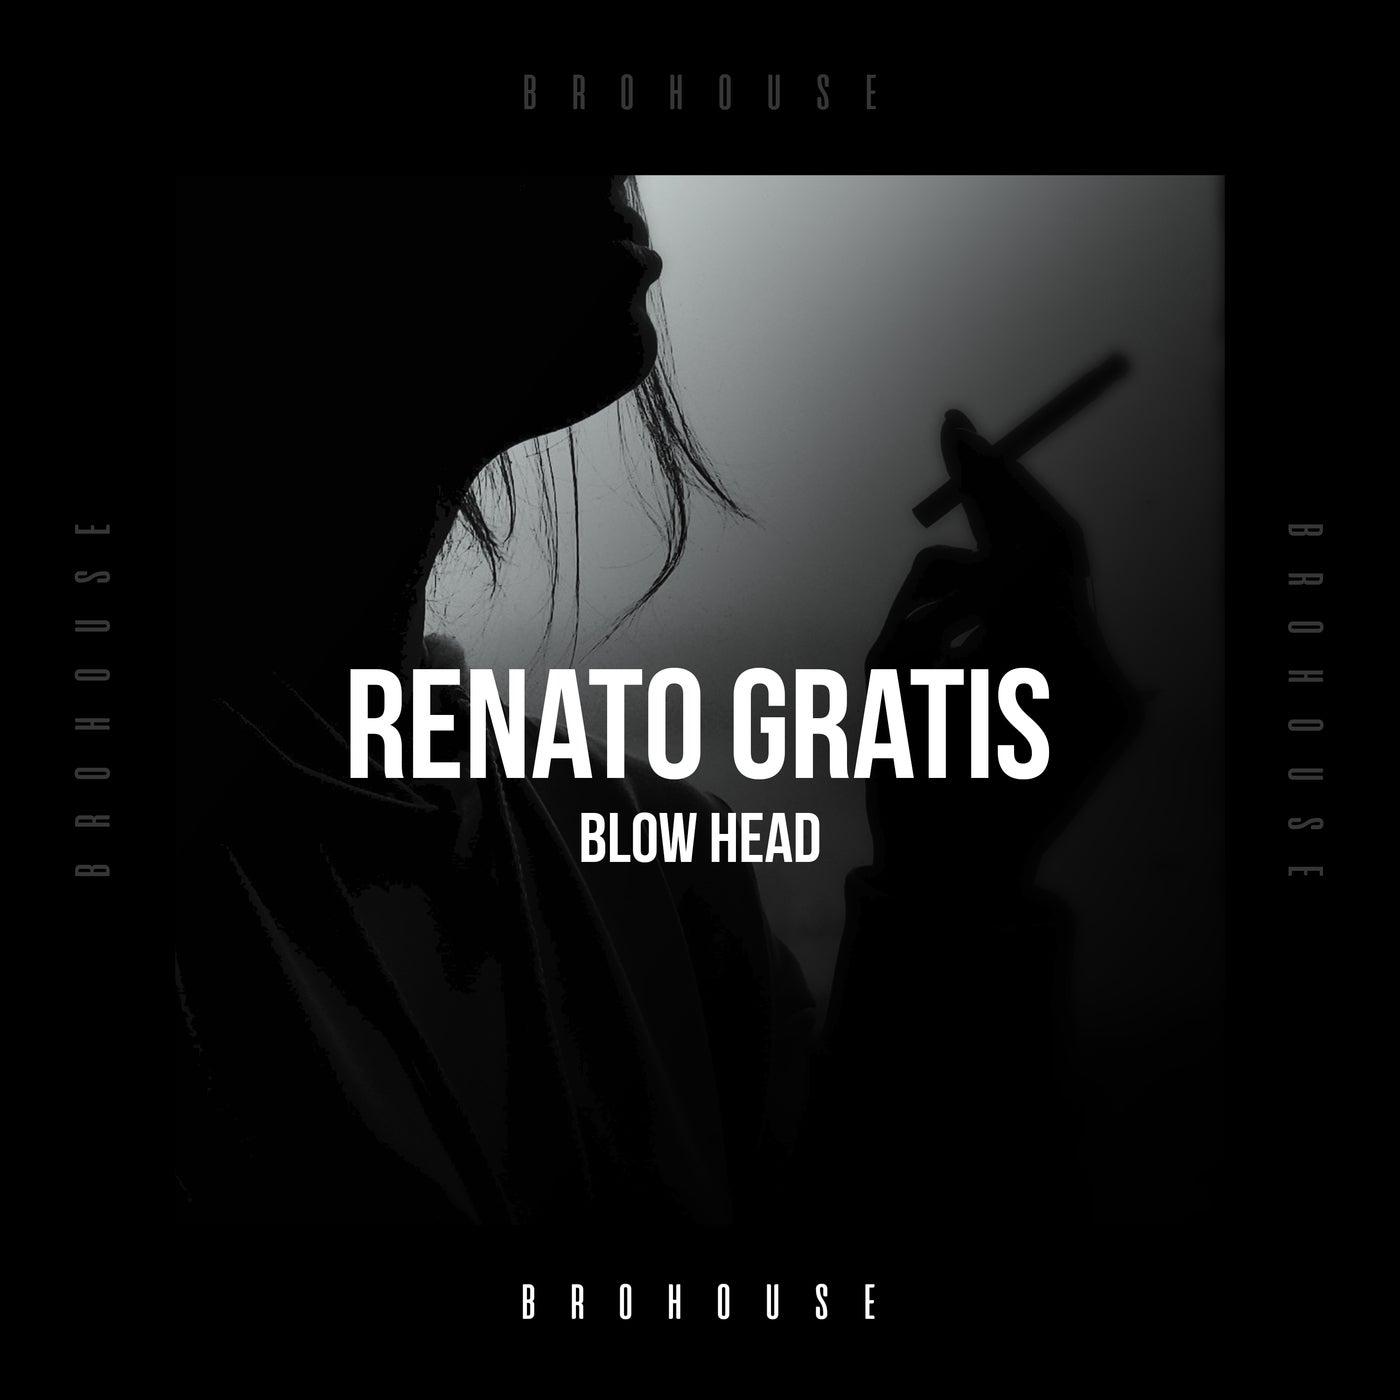 Blow Head (Original Mix)